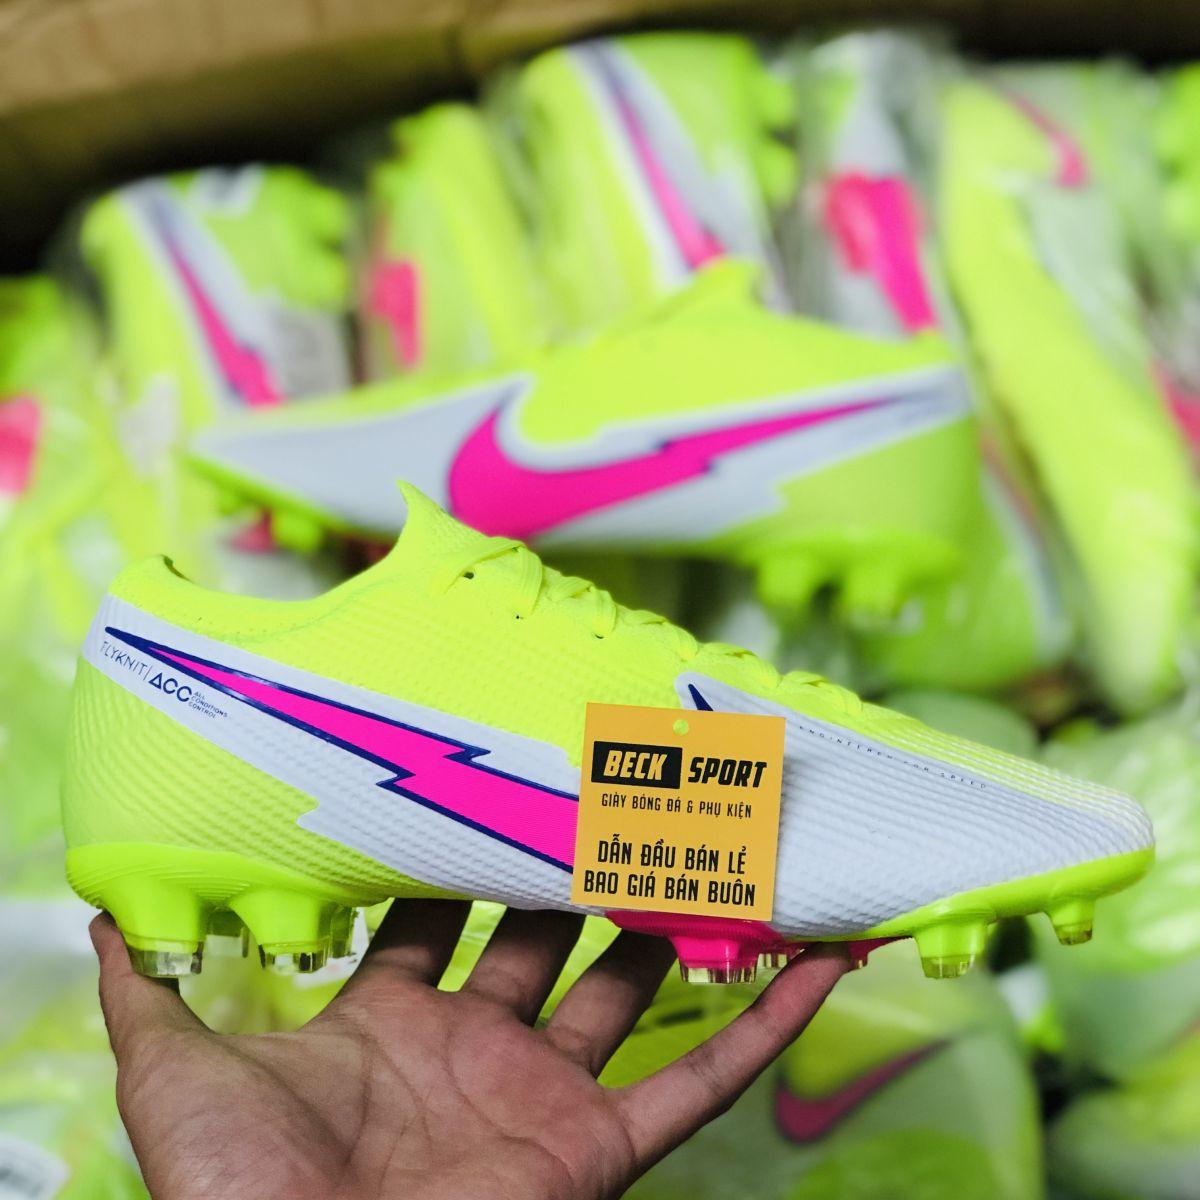 Giày Bóng Đá TQ Nike Mercurial Vapor 13 Elite Nõn Chuối Trắng Vạch Hồng Cổ Lửng FG